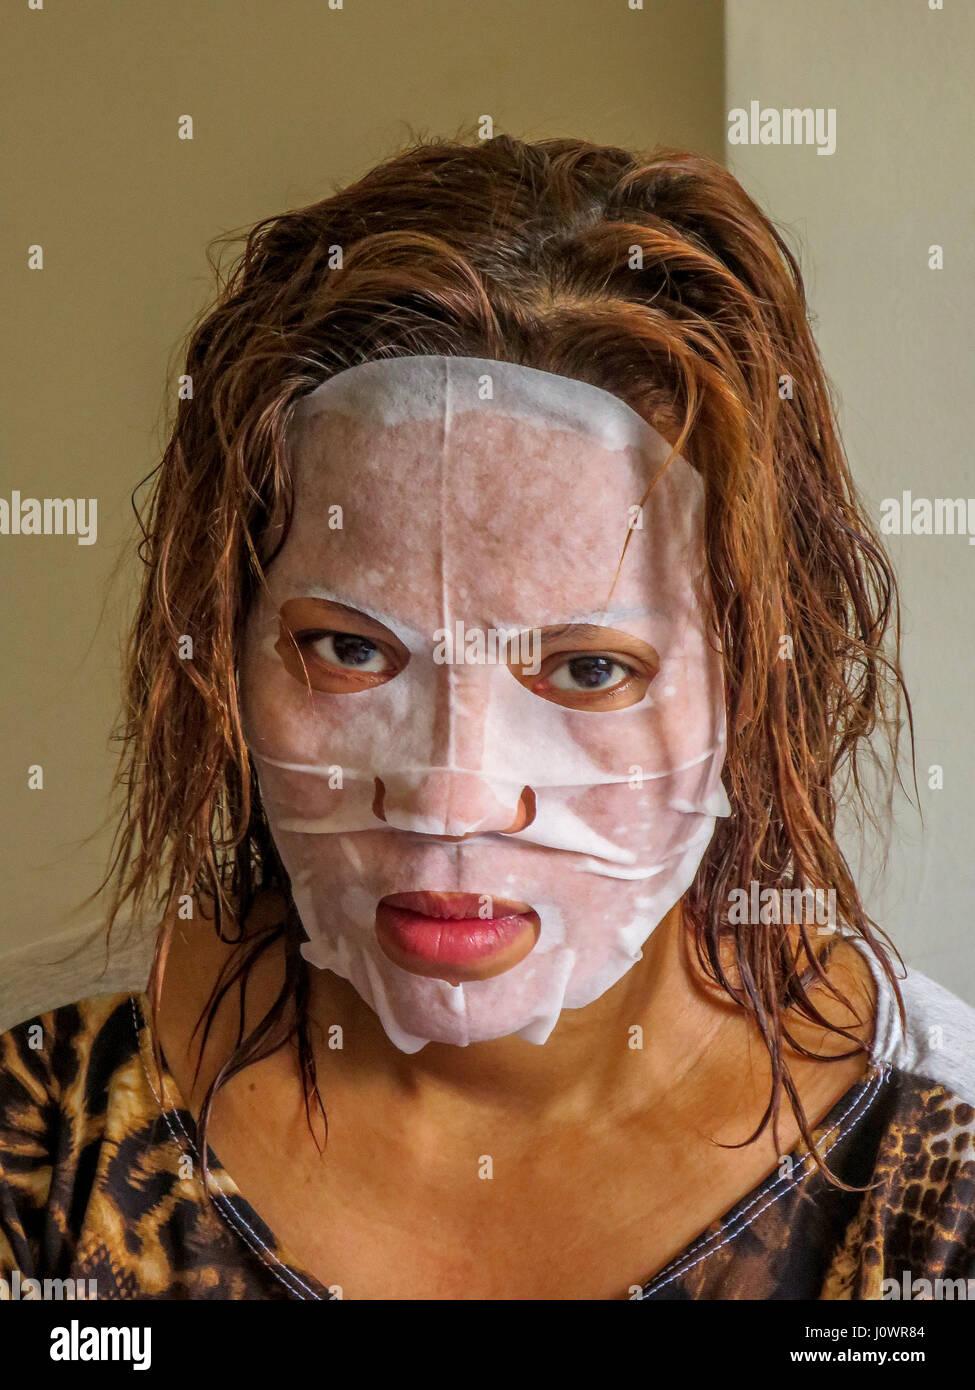 eine unglückliche asiatische Frau trägt eine Gesichtshaut Teint Maske. Stockbild